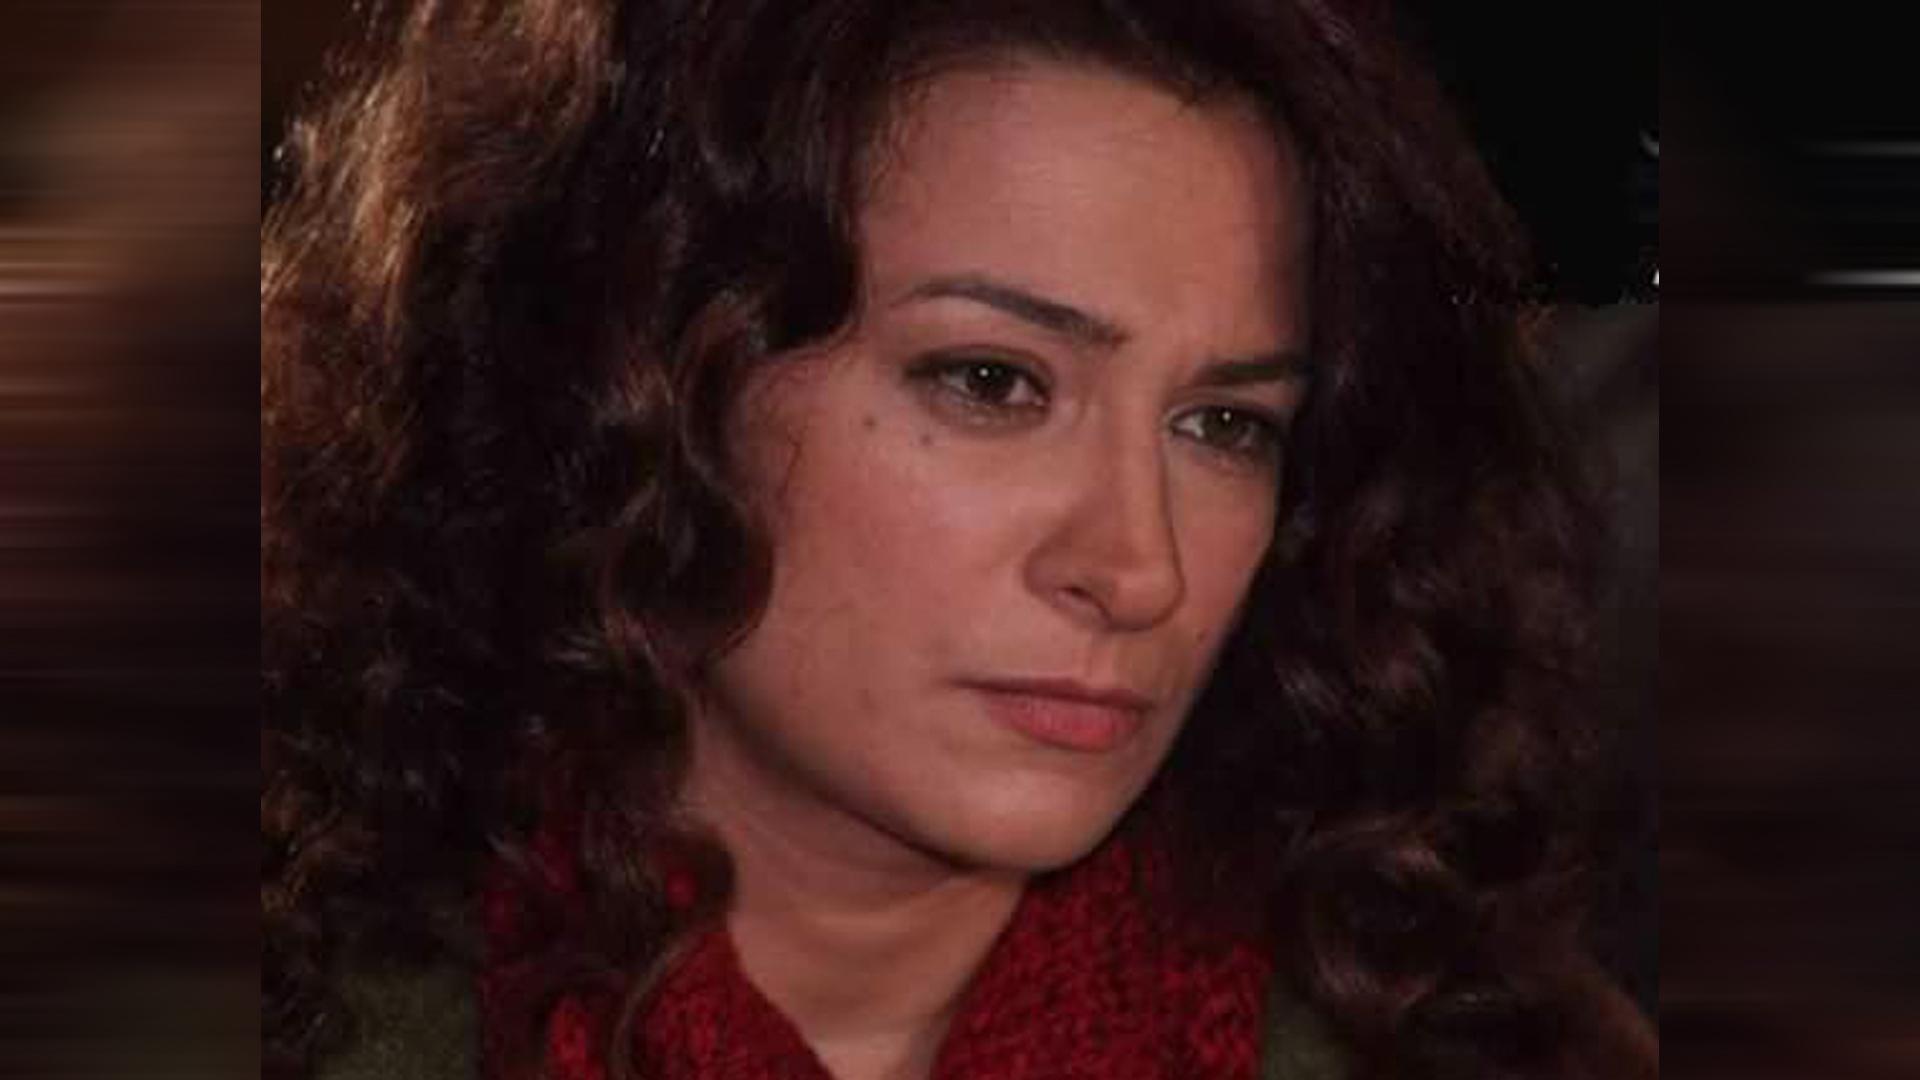 صورة الفنانة السوربة مي سكاف صاحبة الكلمة الحرة فقـ.ـيدة الثورة وملهمة الجيل الجديد